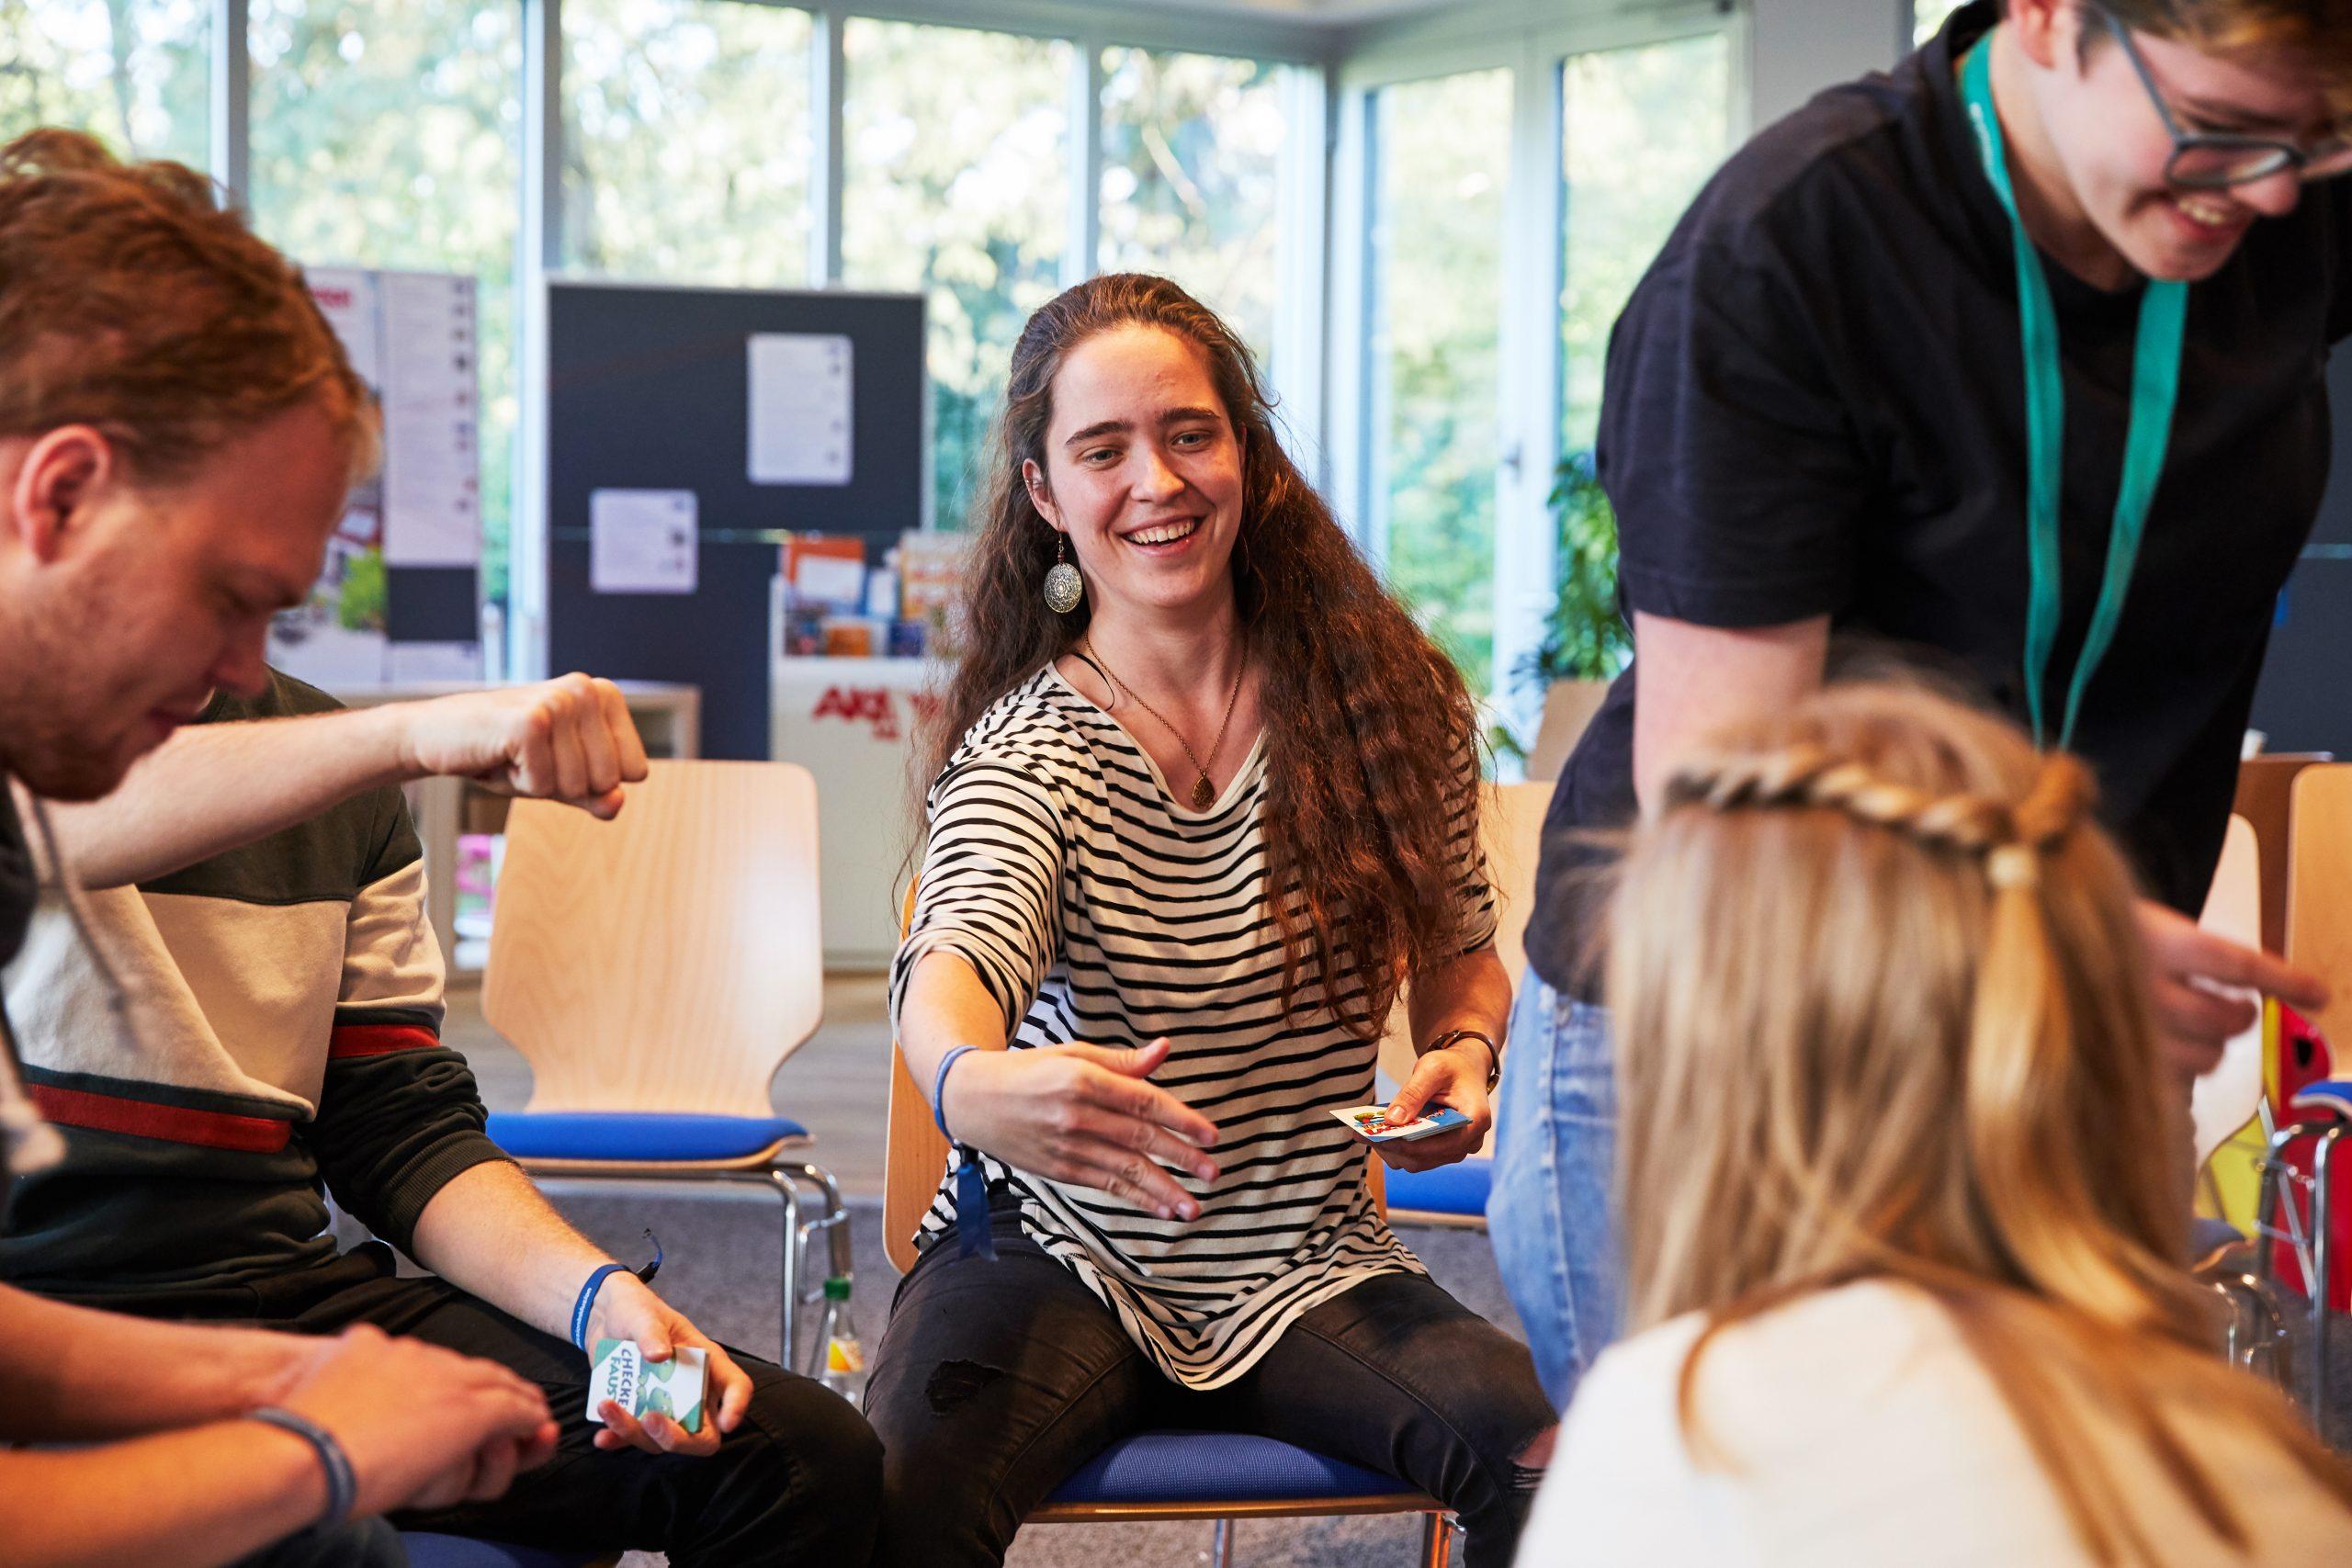 Junge Menschen sitzen in einem Raum in einem Stuhlkreis und spielen Karten.